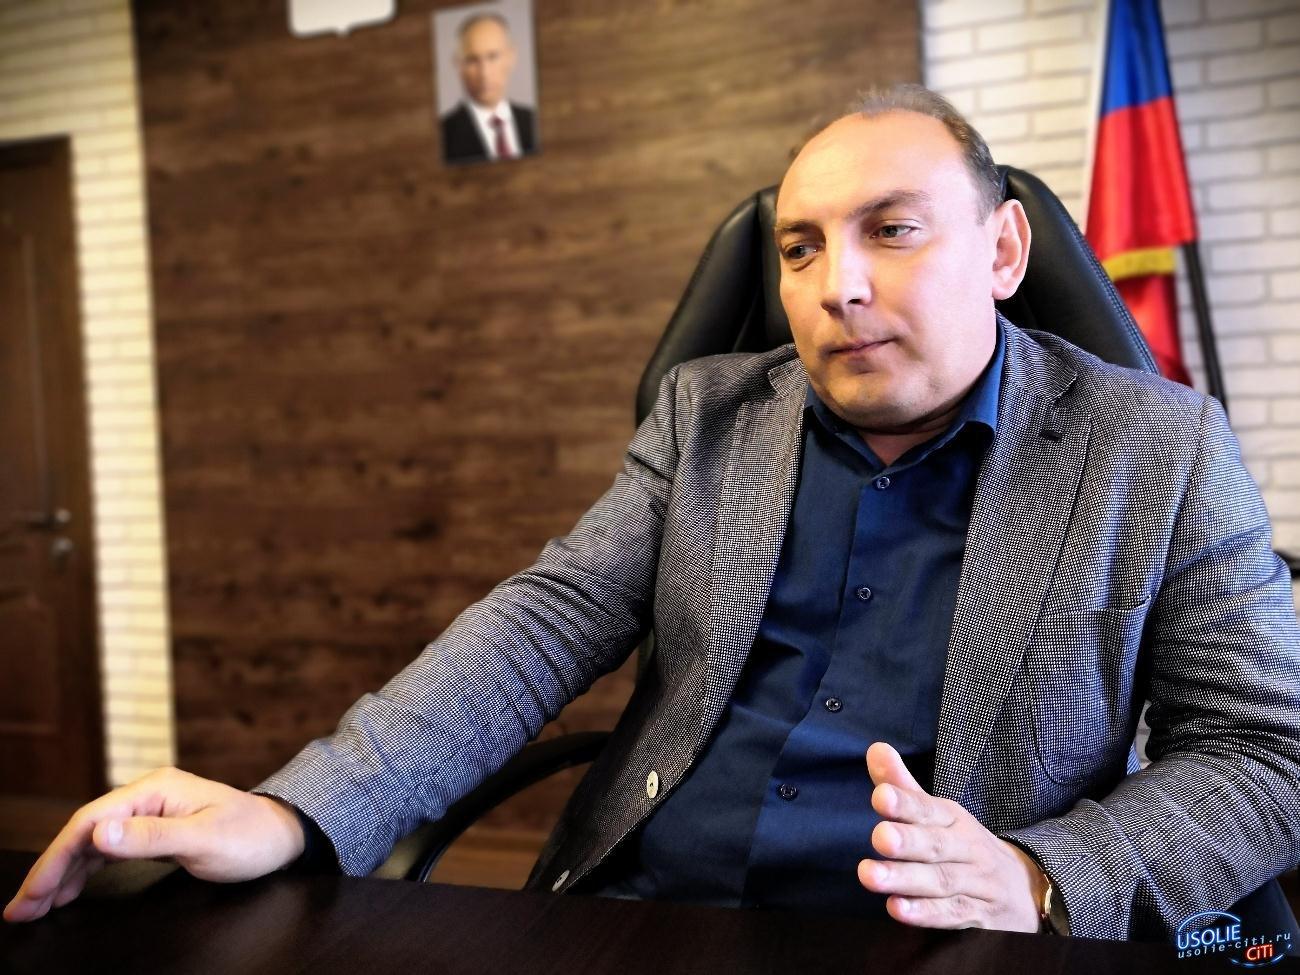 Максим Торопкин: 9 апреля двоих горожан доставили в Усолье из аэропорта